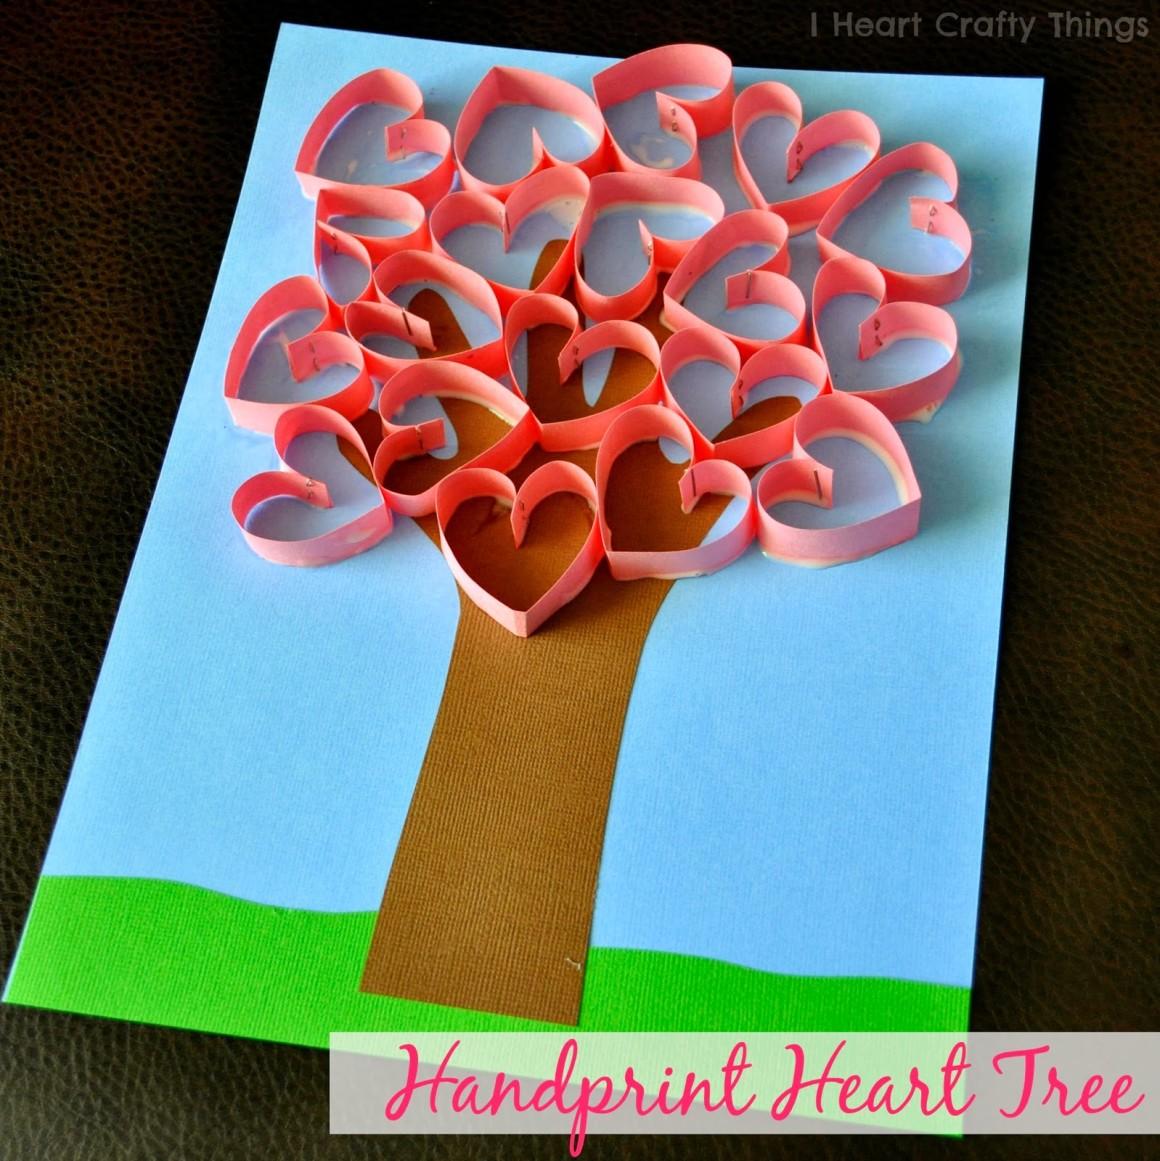 Handprint Heart Tree from I Heart Crafty Things